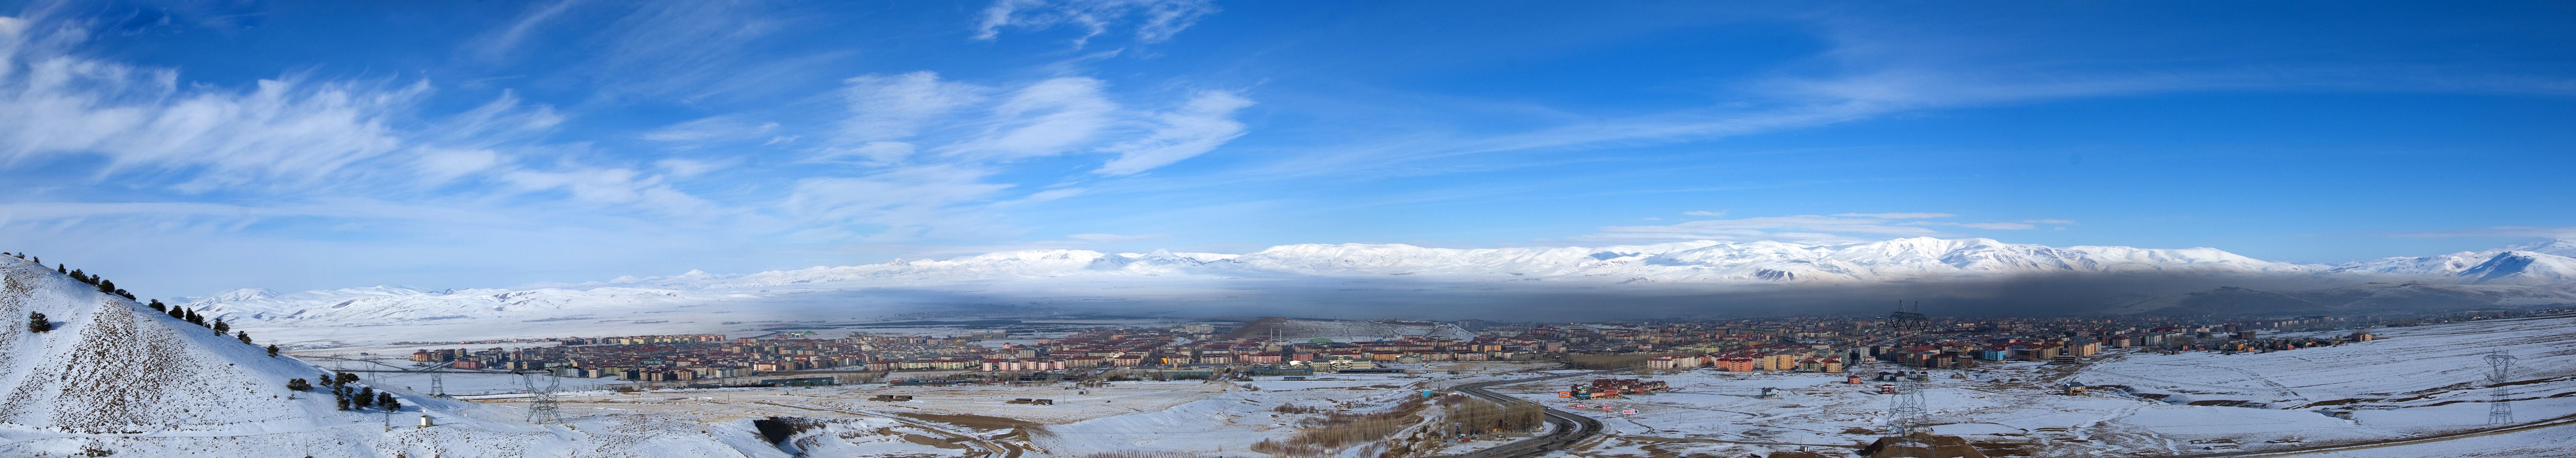 Русский город Эрзурум - Турция